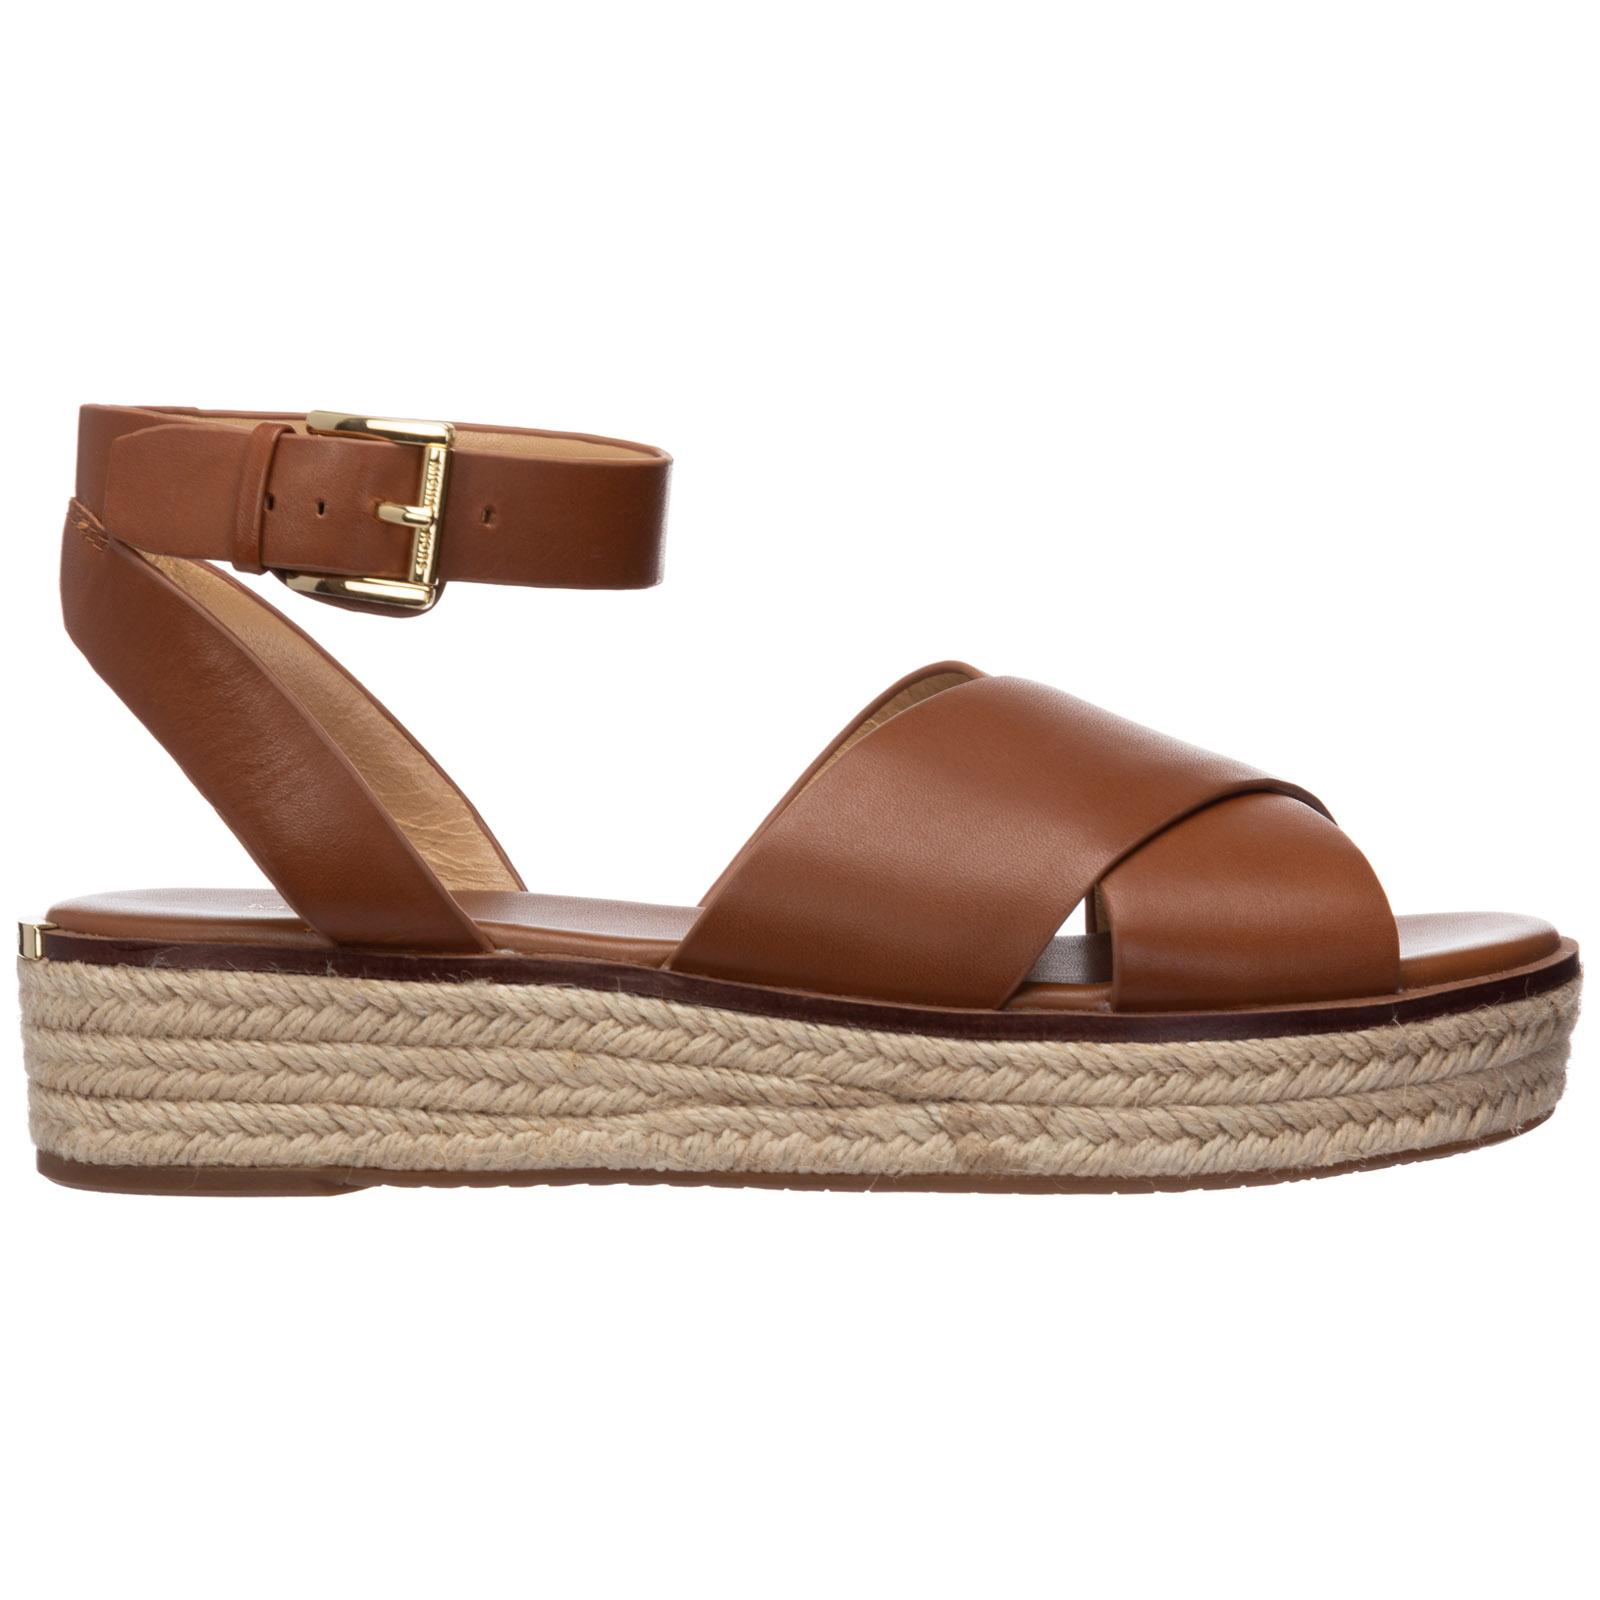 Wedge sandals Michael Kors abbott